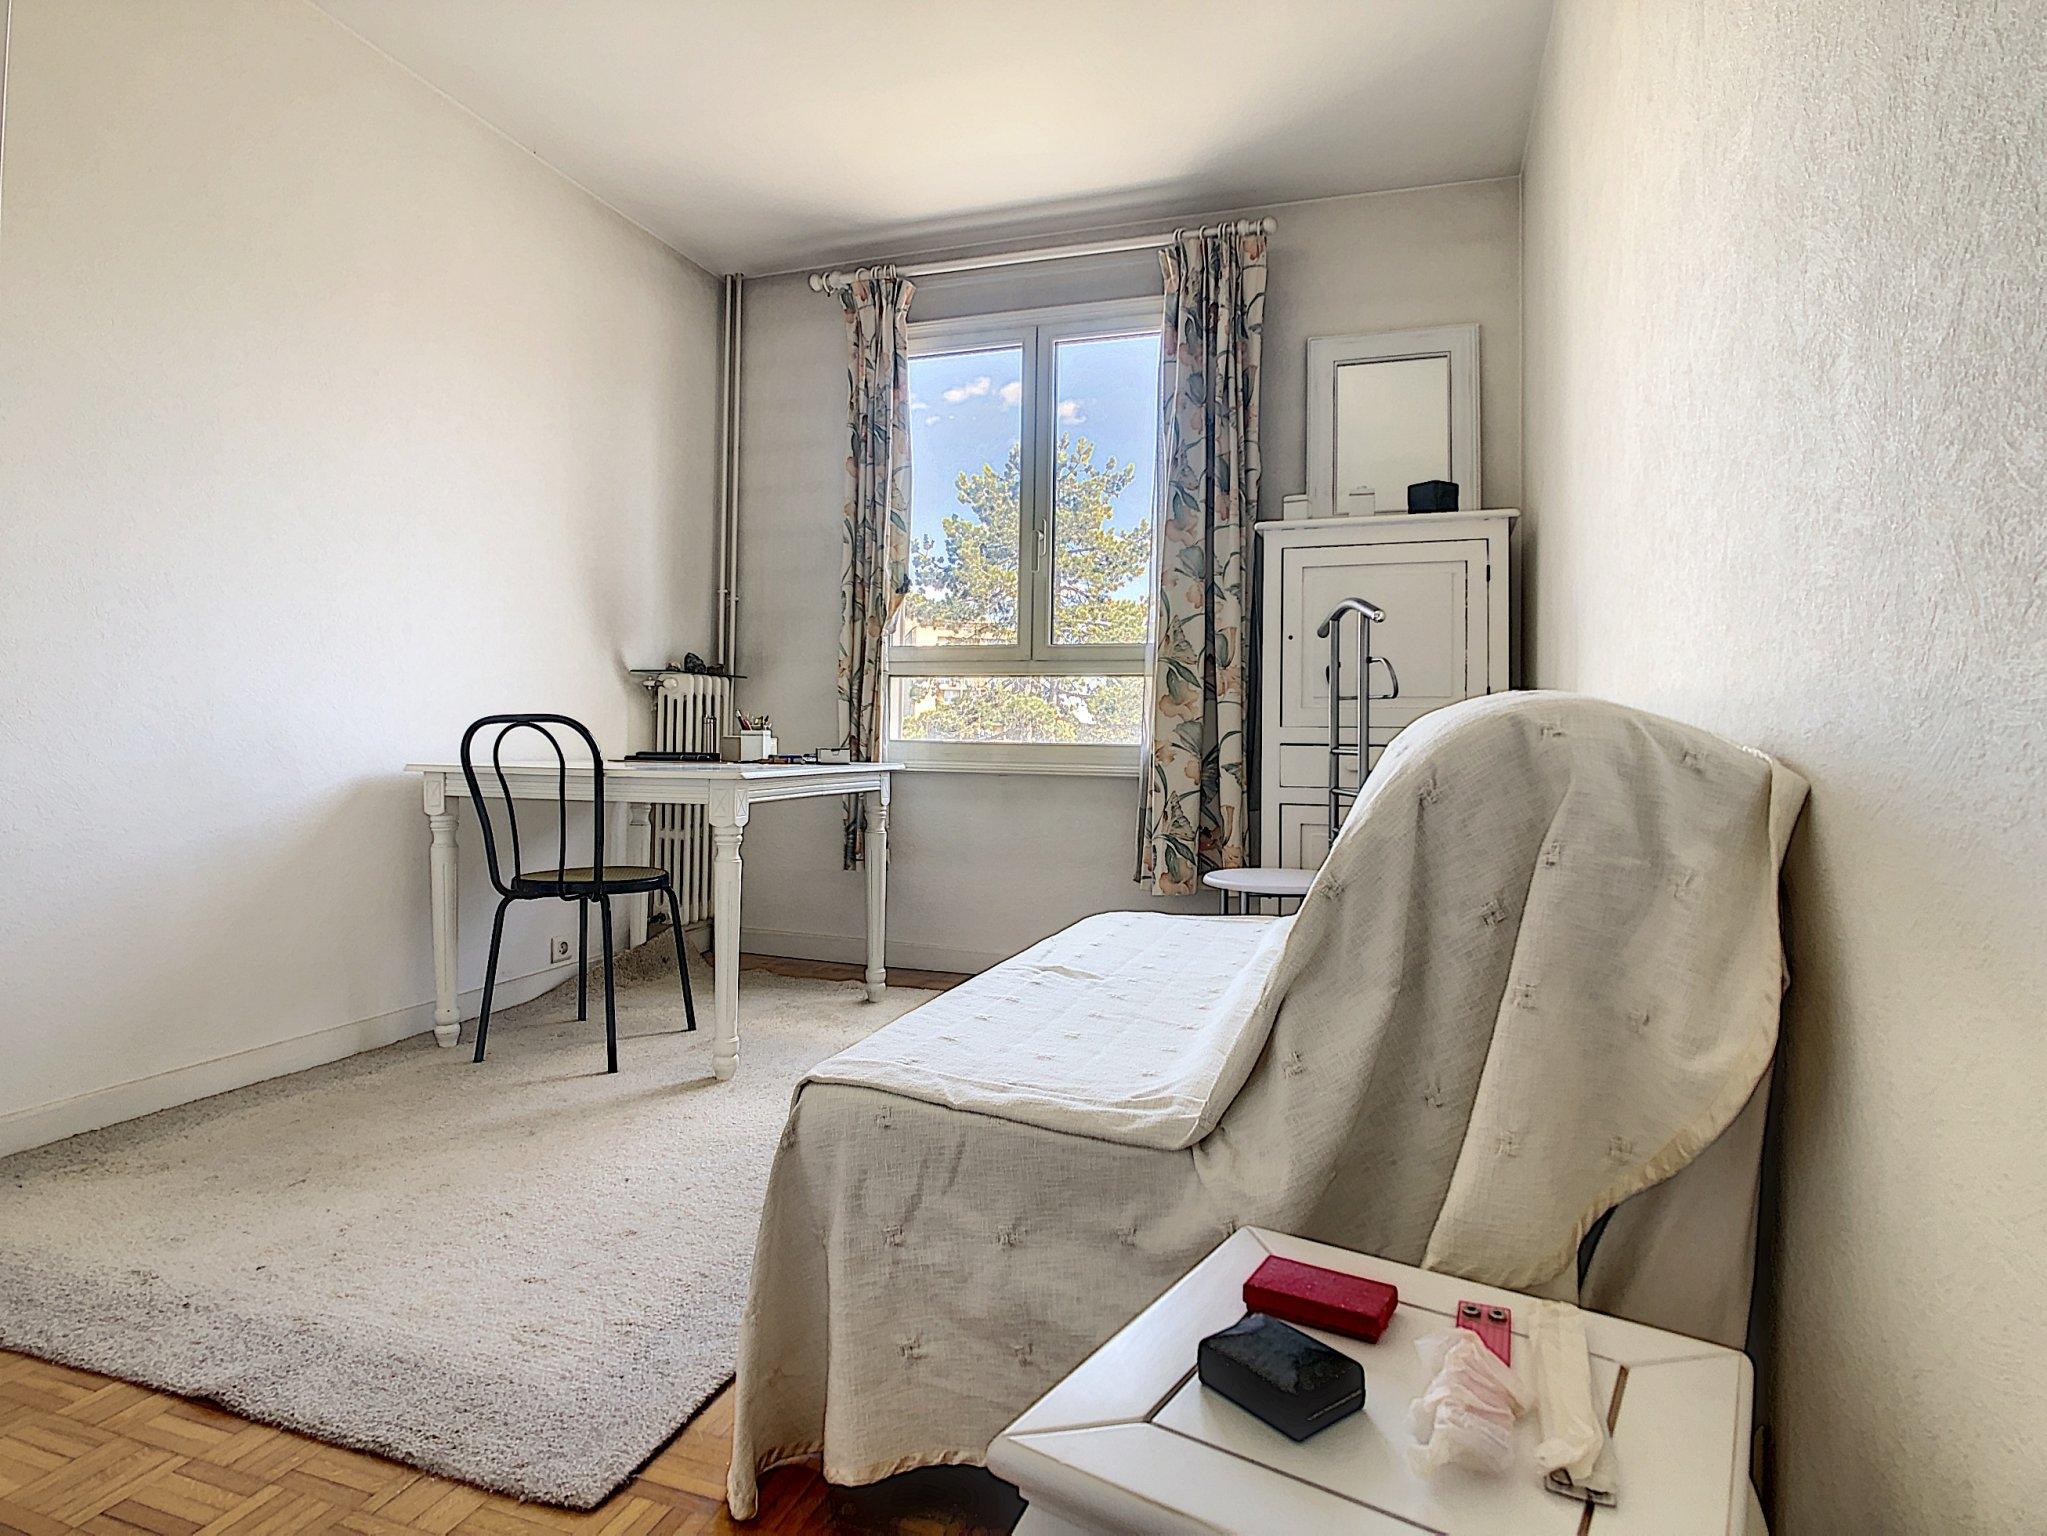 Appartement Reims 4 Pièces 91.56 m2 - 6